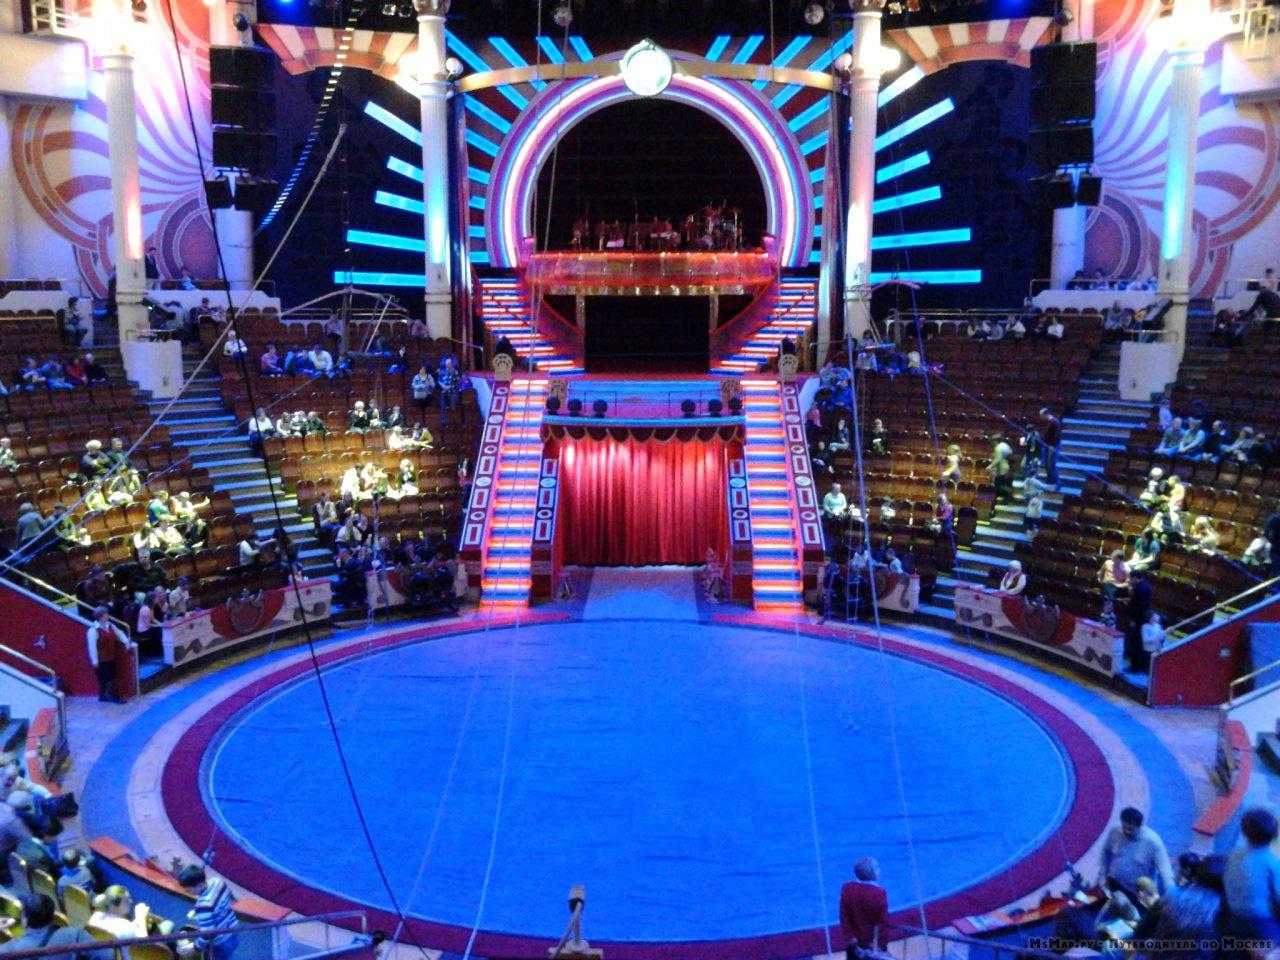 Московский цирк готов гастролировать в Крыму, несмотря на санкции